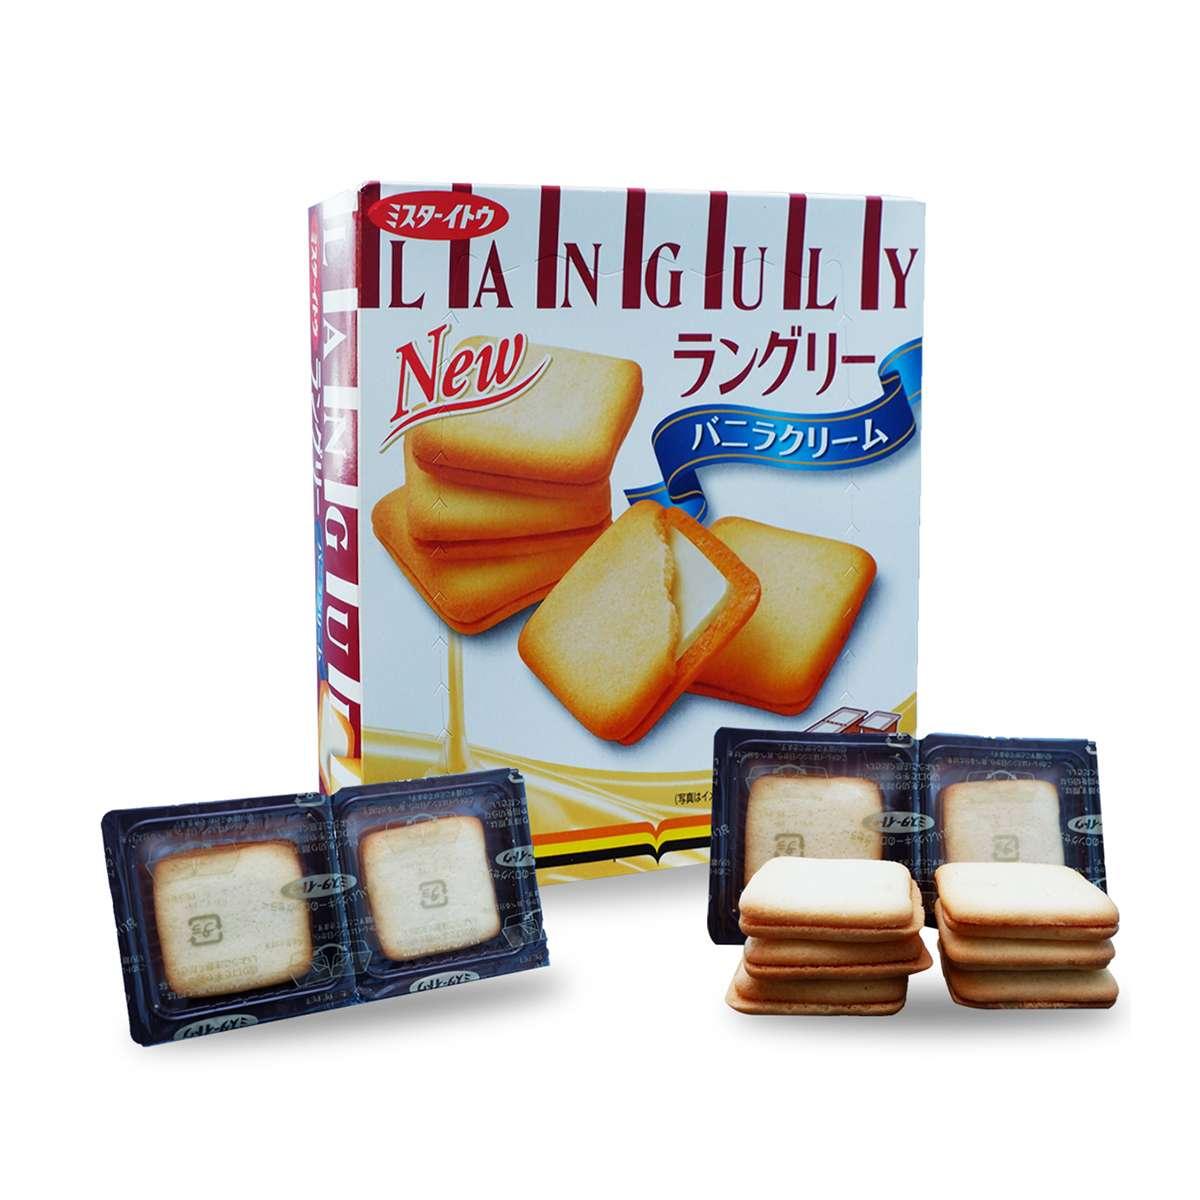 Bánh languly kem hương vani Nhật Bản